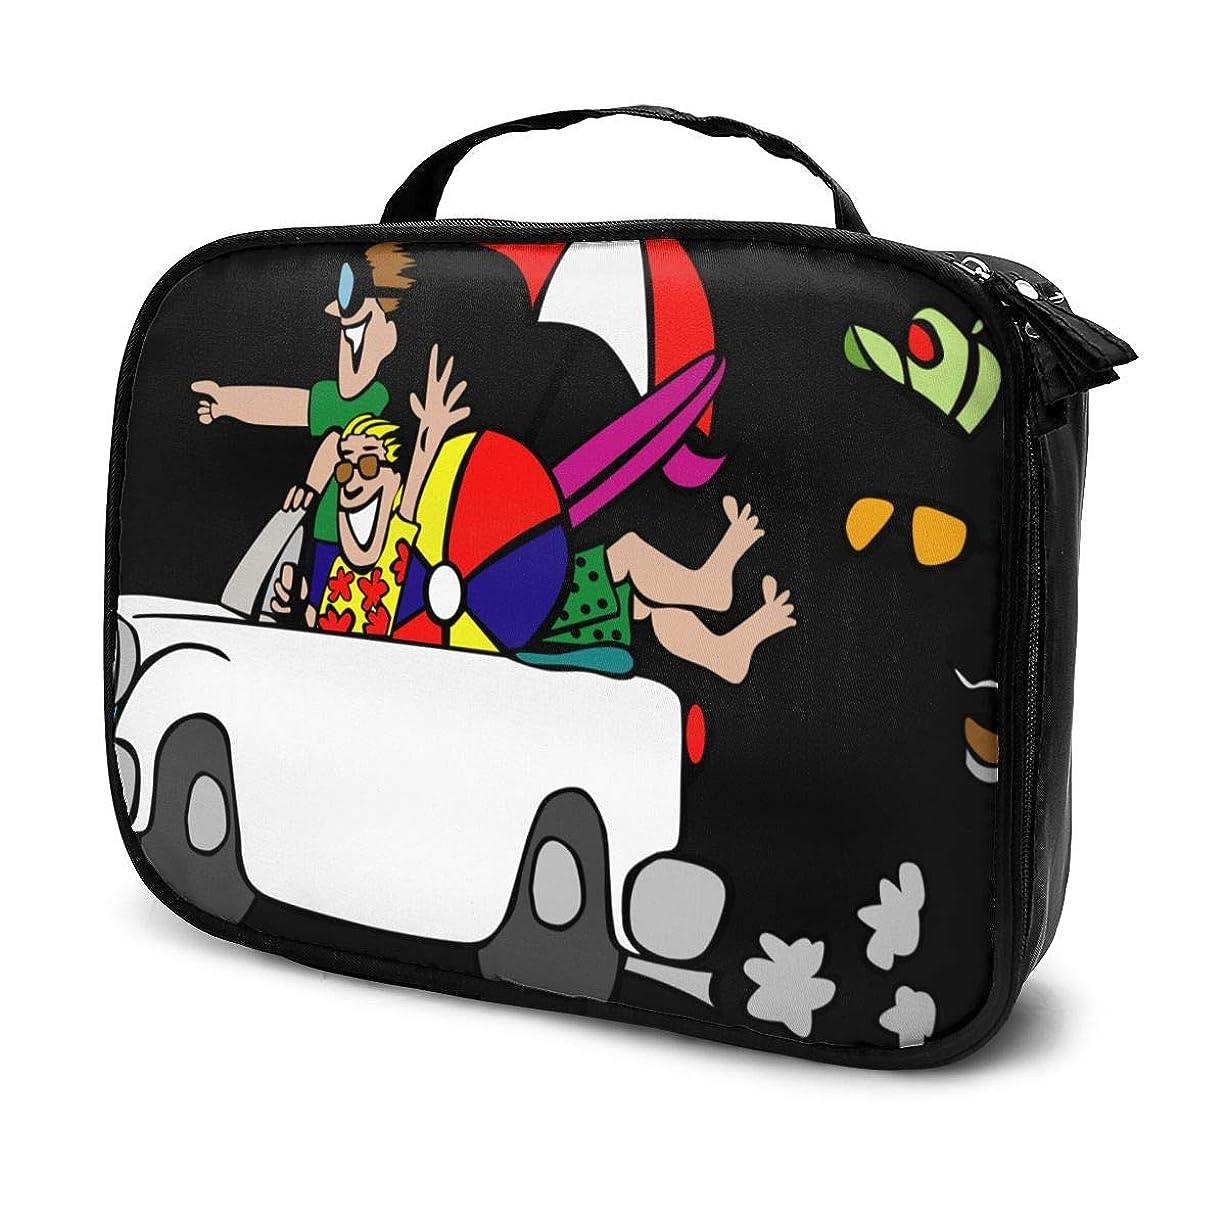 他の日証明大西洋化粧品収納バッグ 面白い旅行 漫画車 収納ポーチ 収納袋 化粧ポーチ 旅行の収納 化粧品バッグ ウォッシュバッグ 多機能 旅行用品 おしゃれな 男女兼用